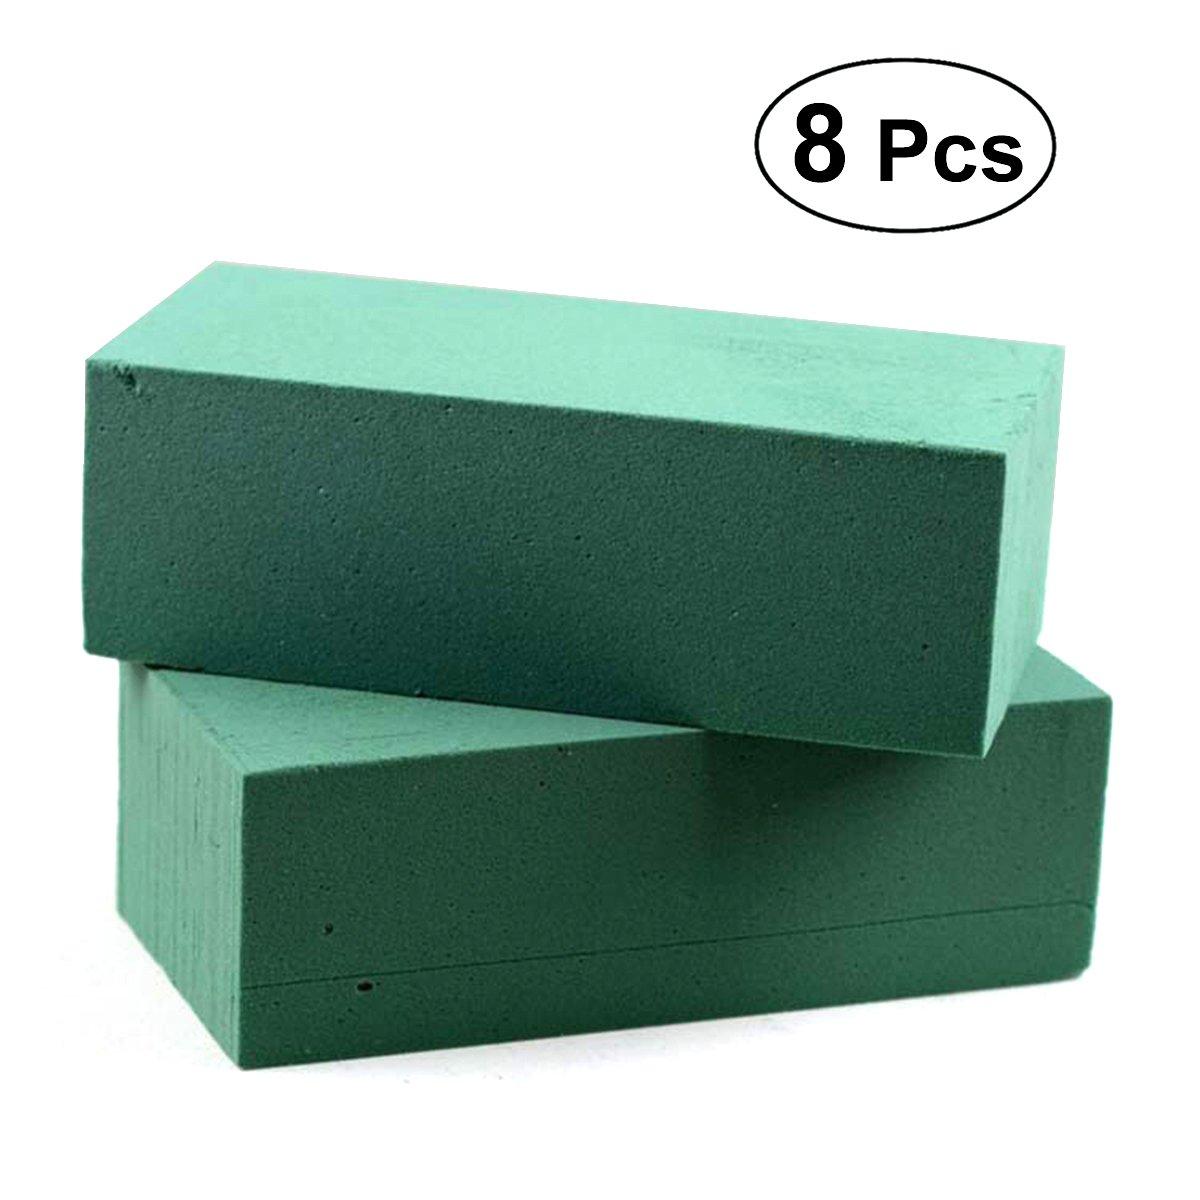 Ultnice floreale spugna mattoni blocchi verde di polistirolo per imballaggio piante artificiali 8PCS